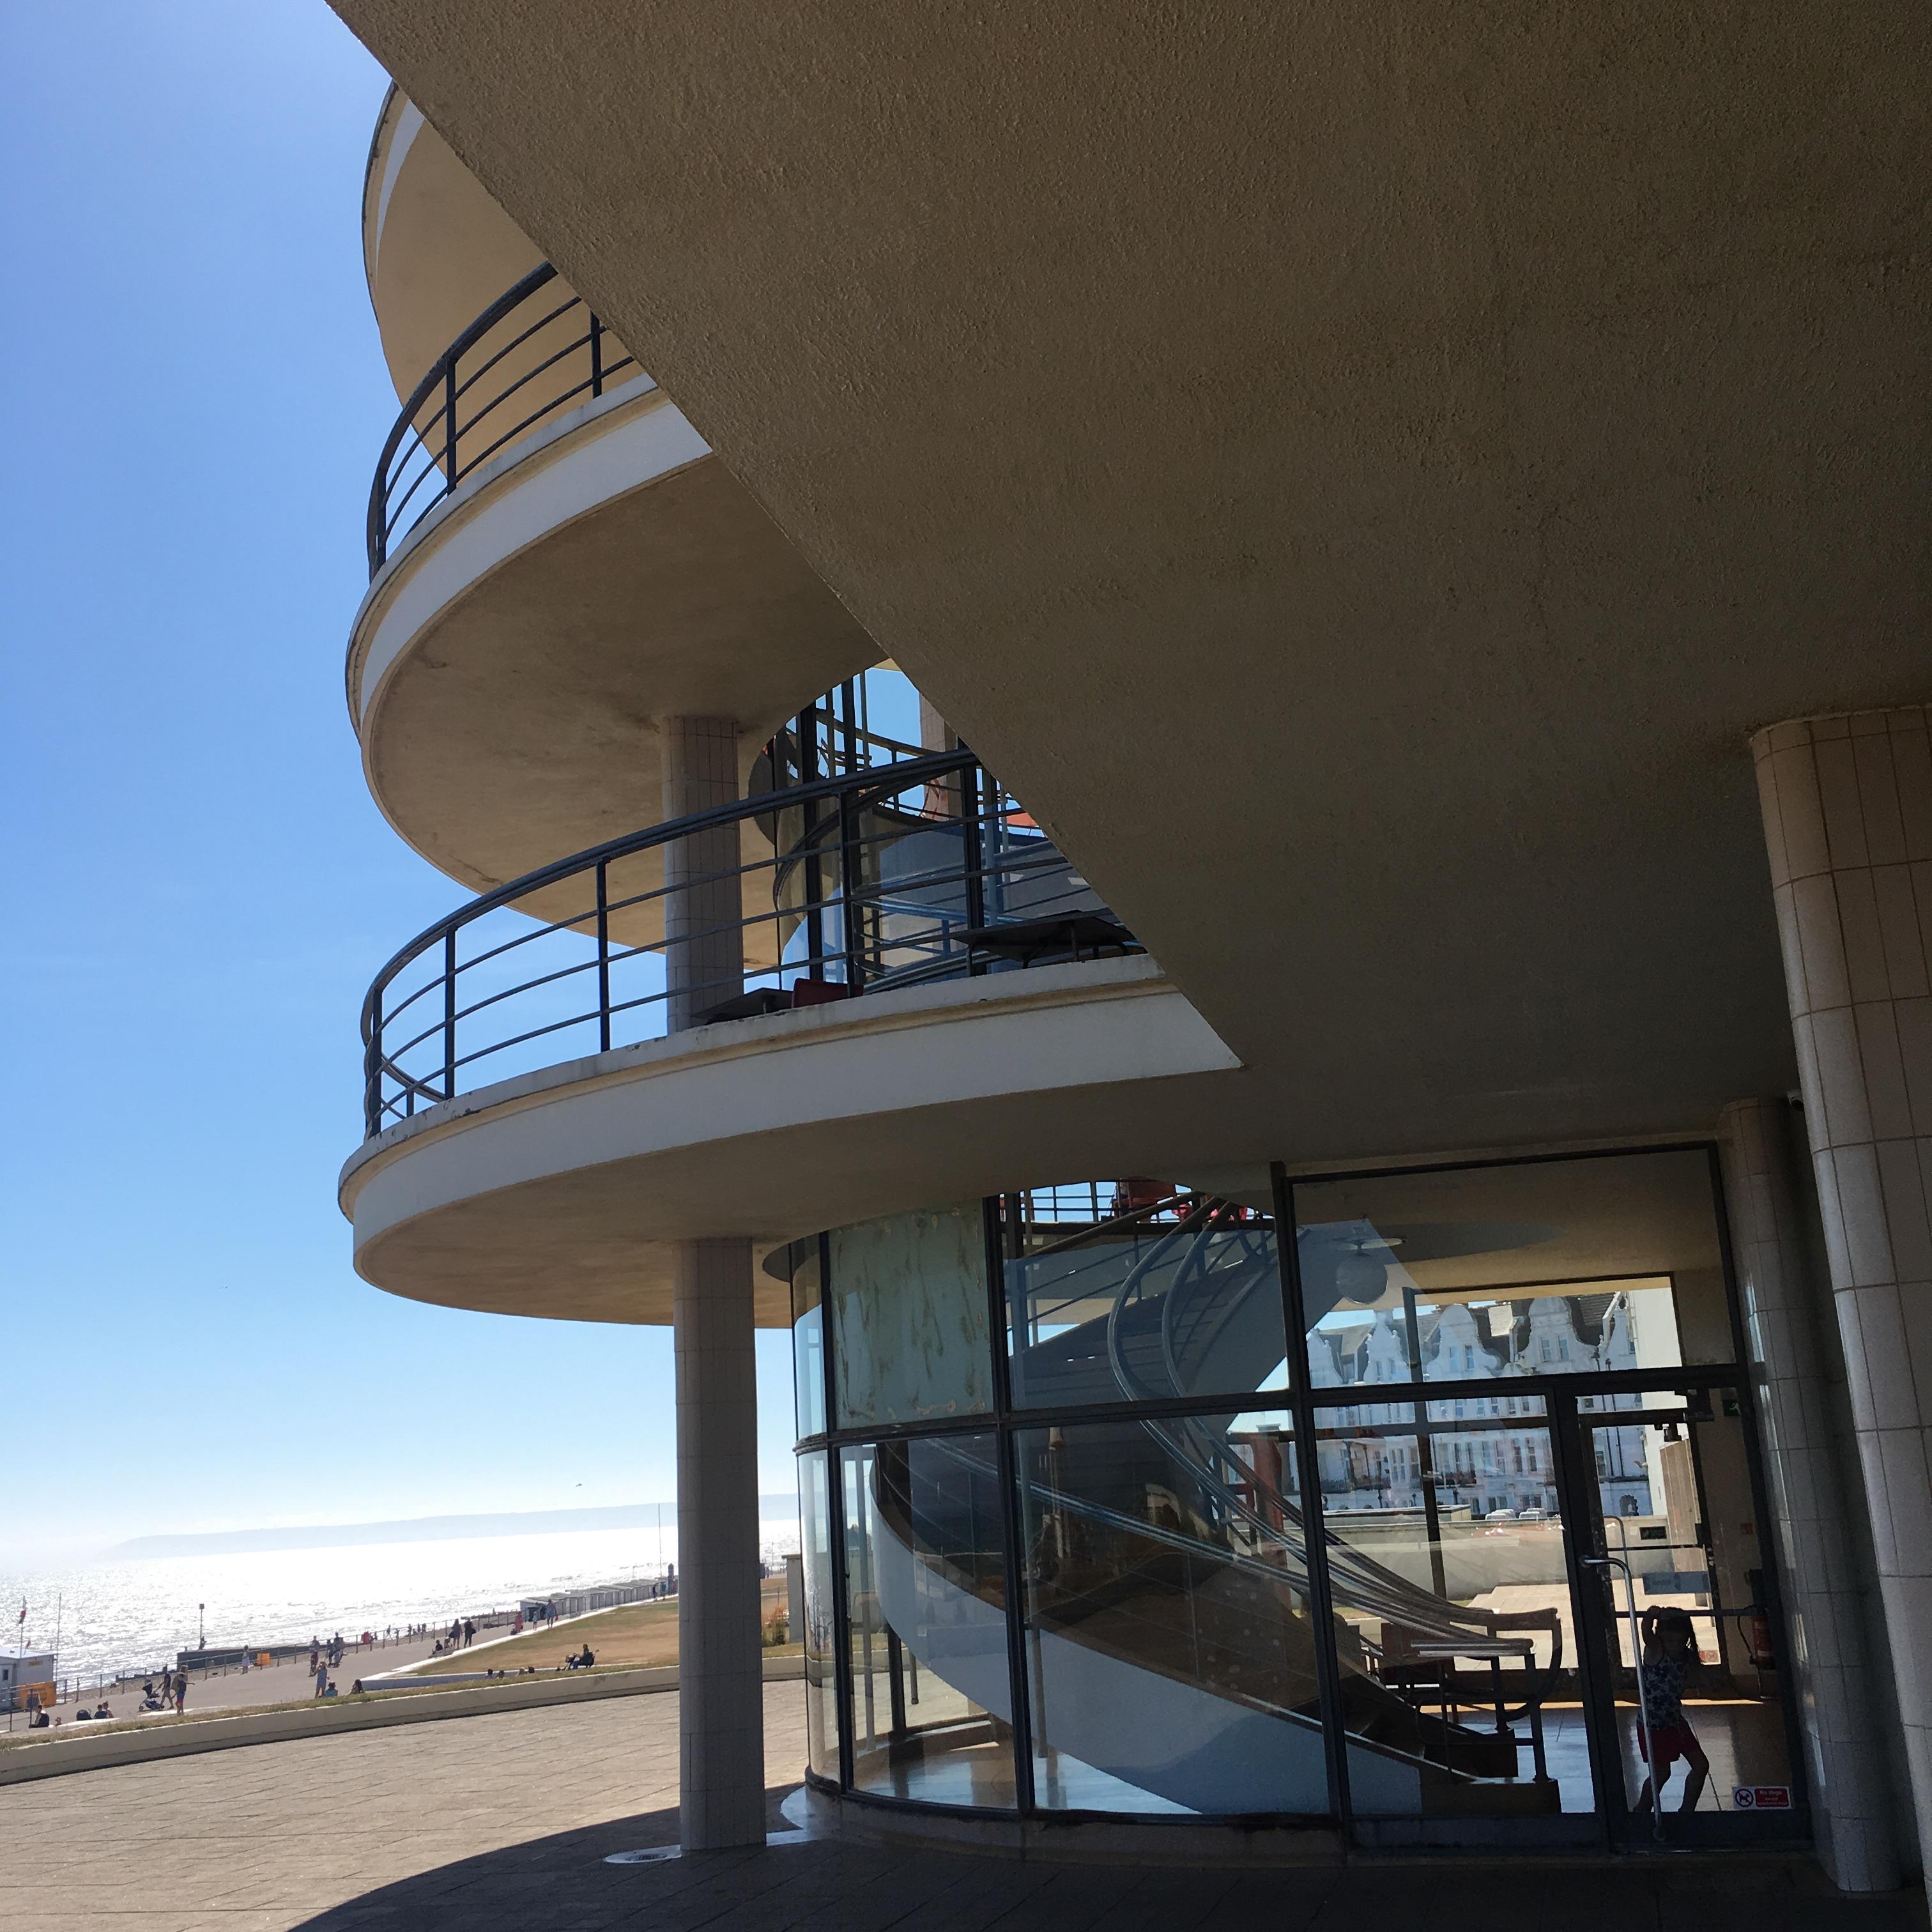 De La Warr Pavilion, Bexhill-on-Sea, East Sussex - exterior staircase